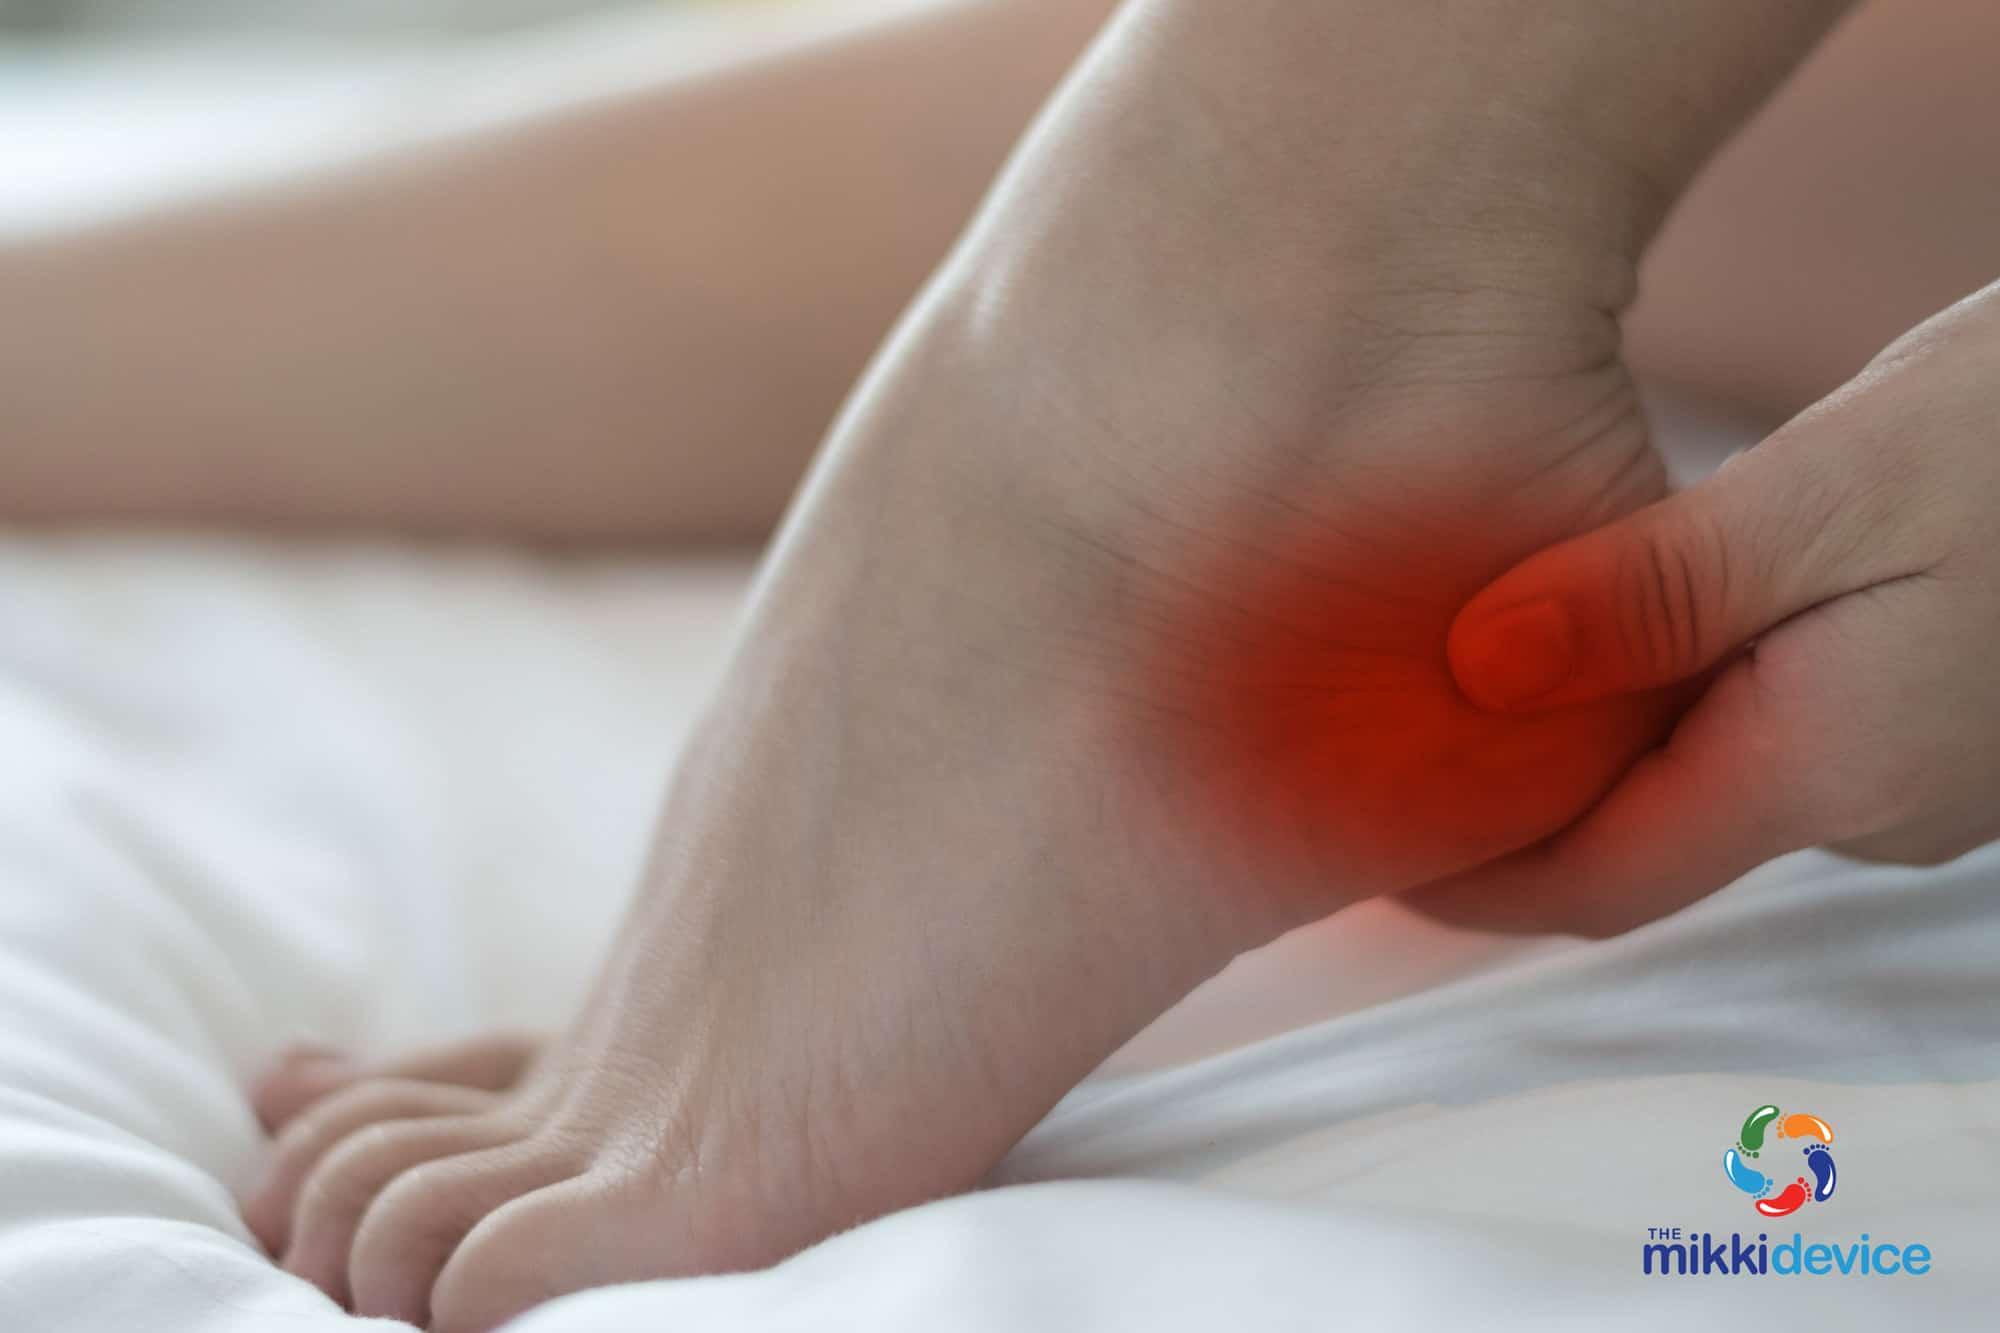 Heel pain from severs disease